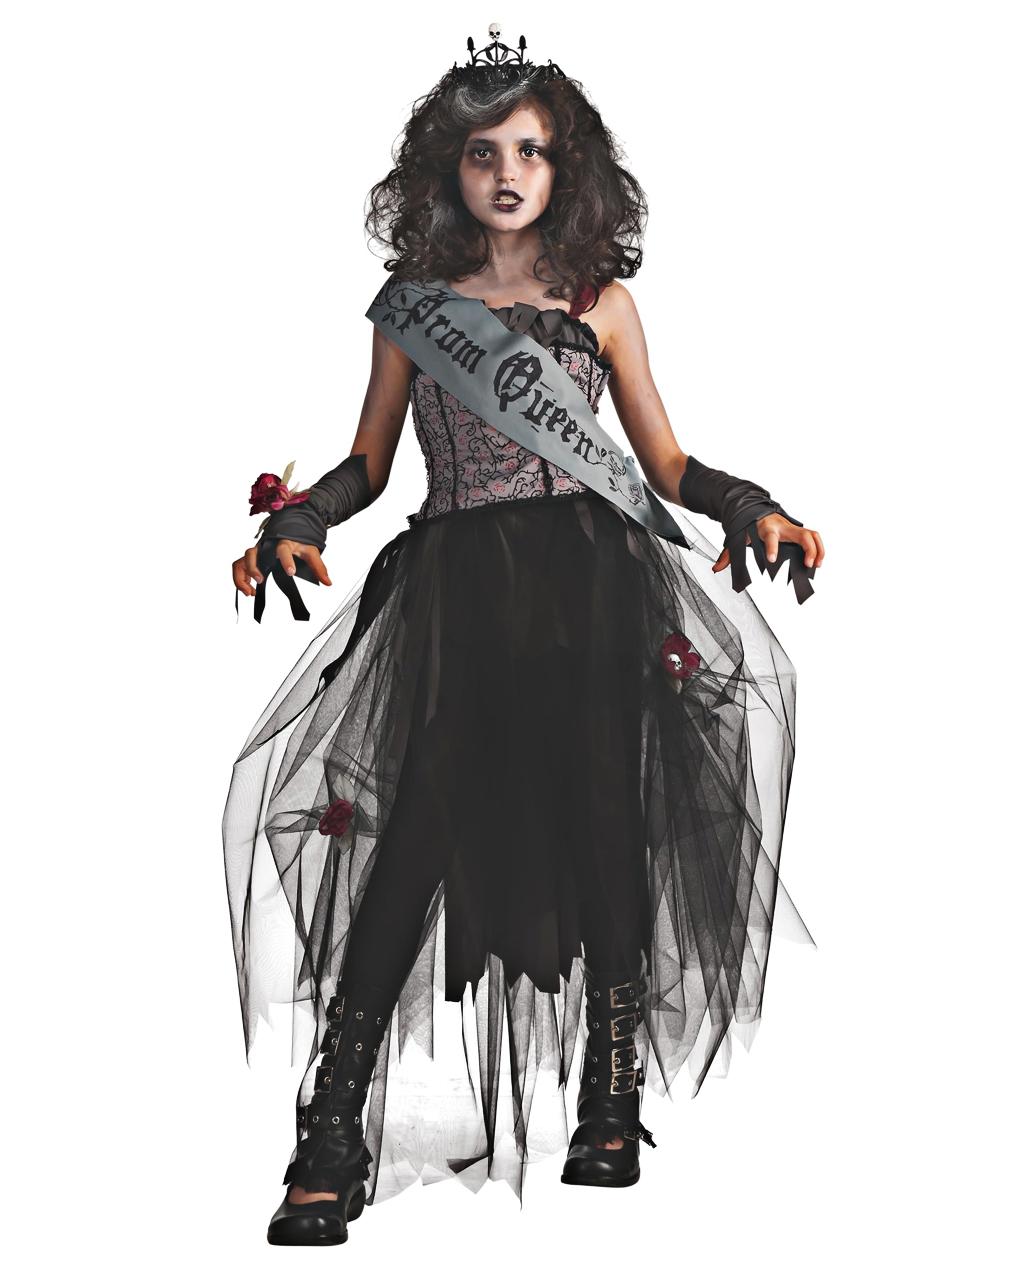 Prom Queen Kinderkostüm   Zombie Kostüm für Mädchen   Horror-Shop.com